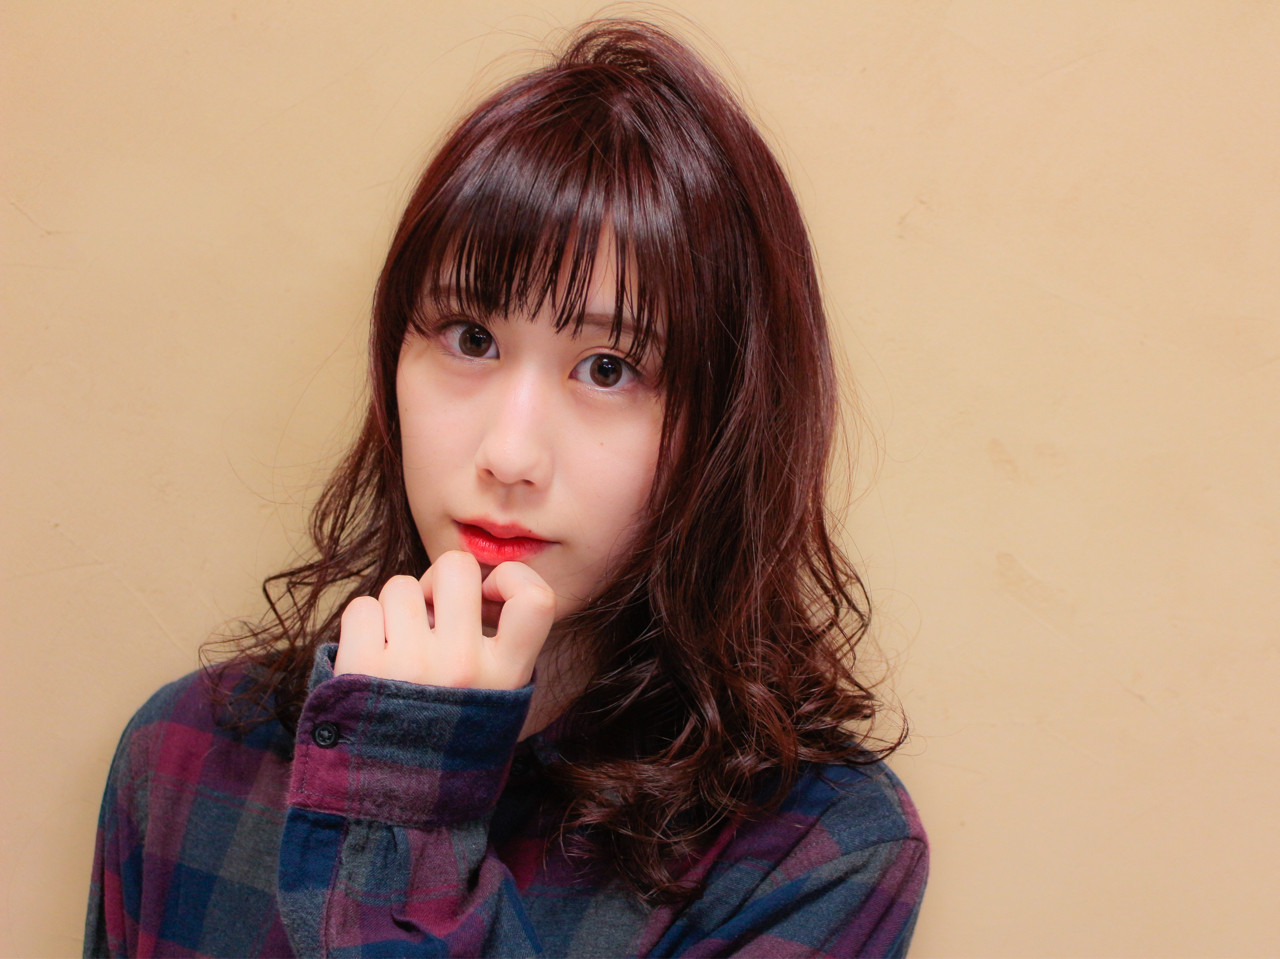 セミロング モテ髪 フェミニン 秋 ヘアスタイルや髪型の写真・画像